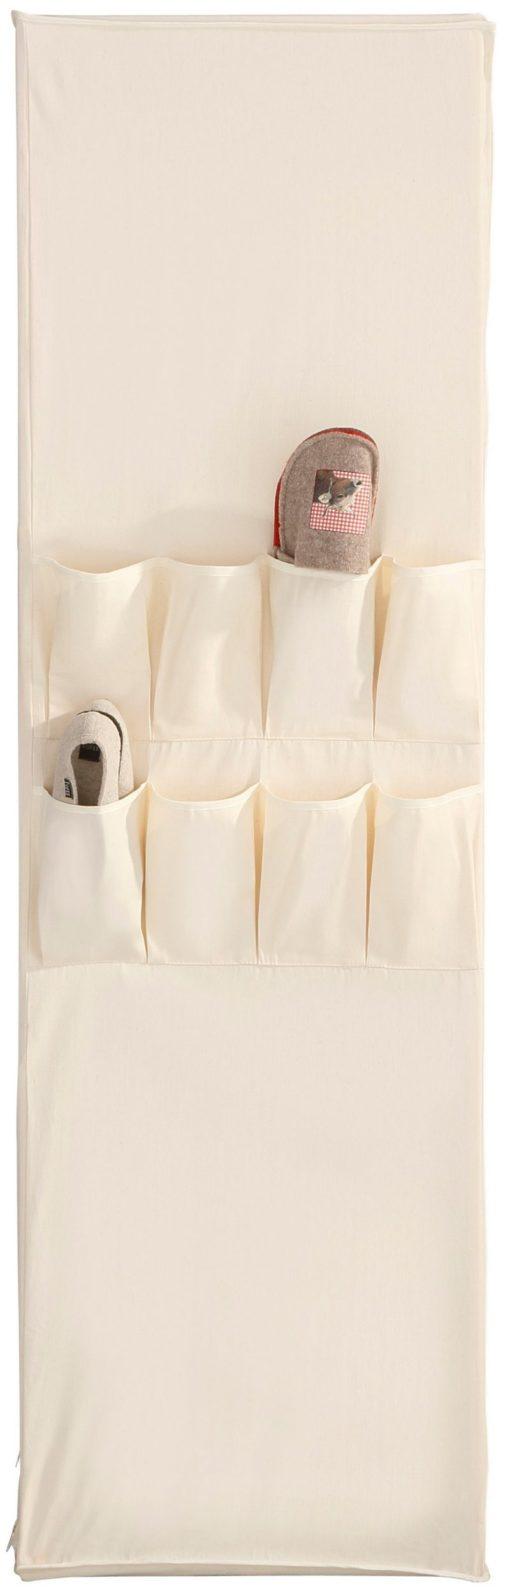 Praktyczna szafa z pokrowcem z tkaniny